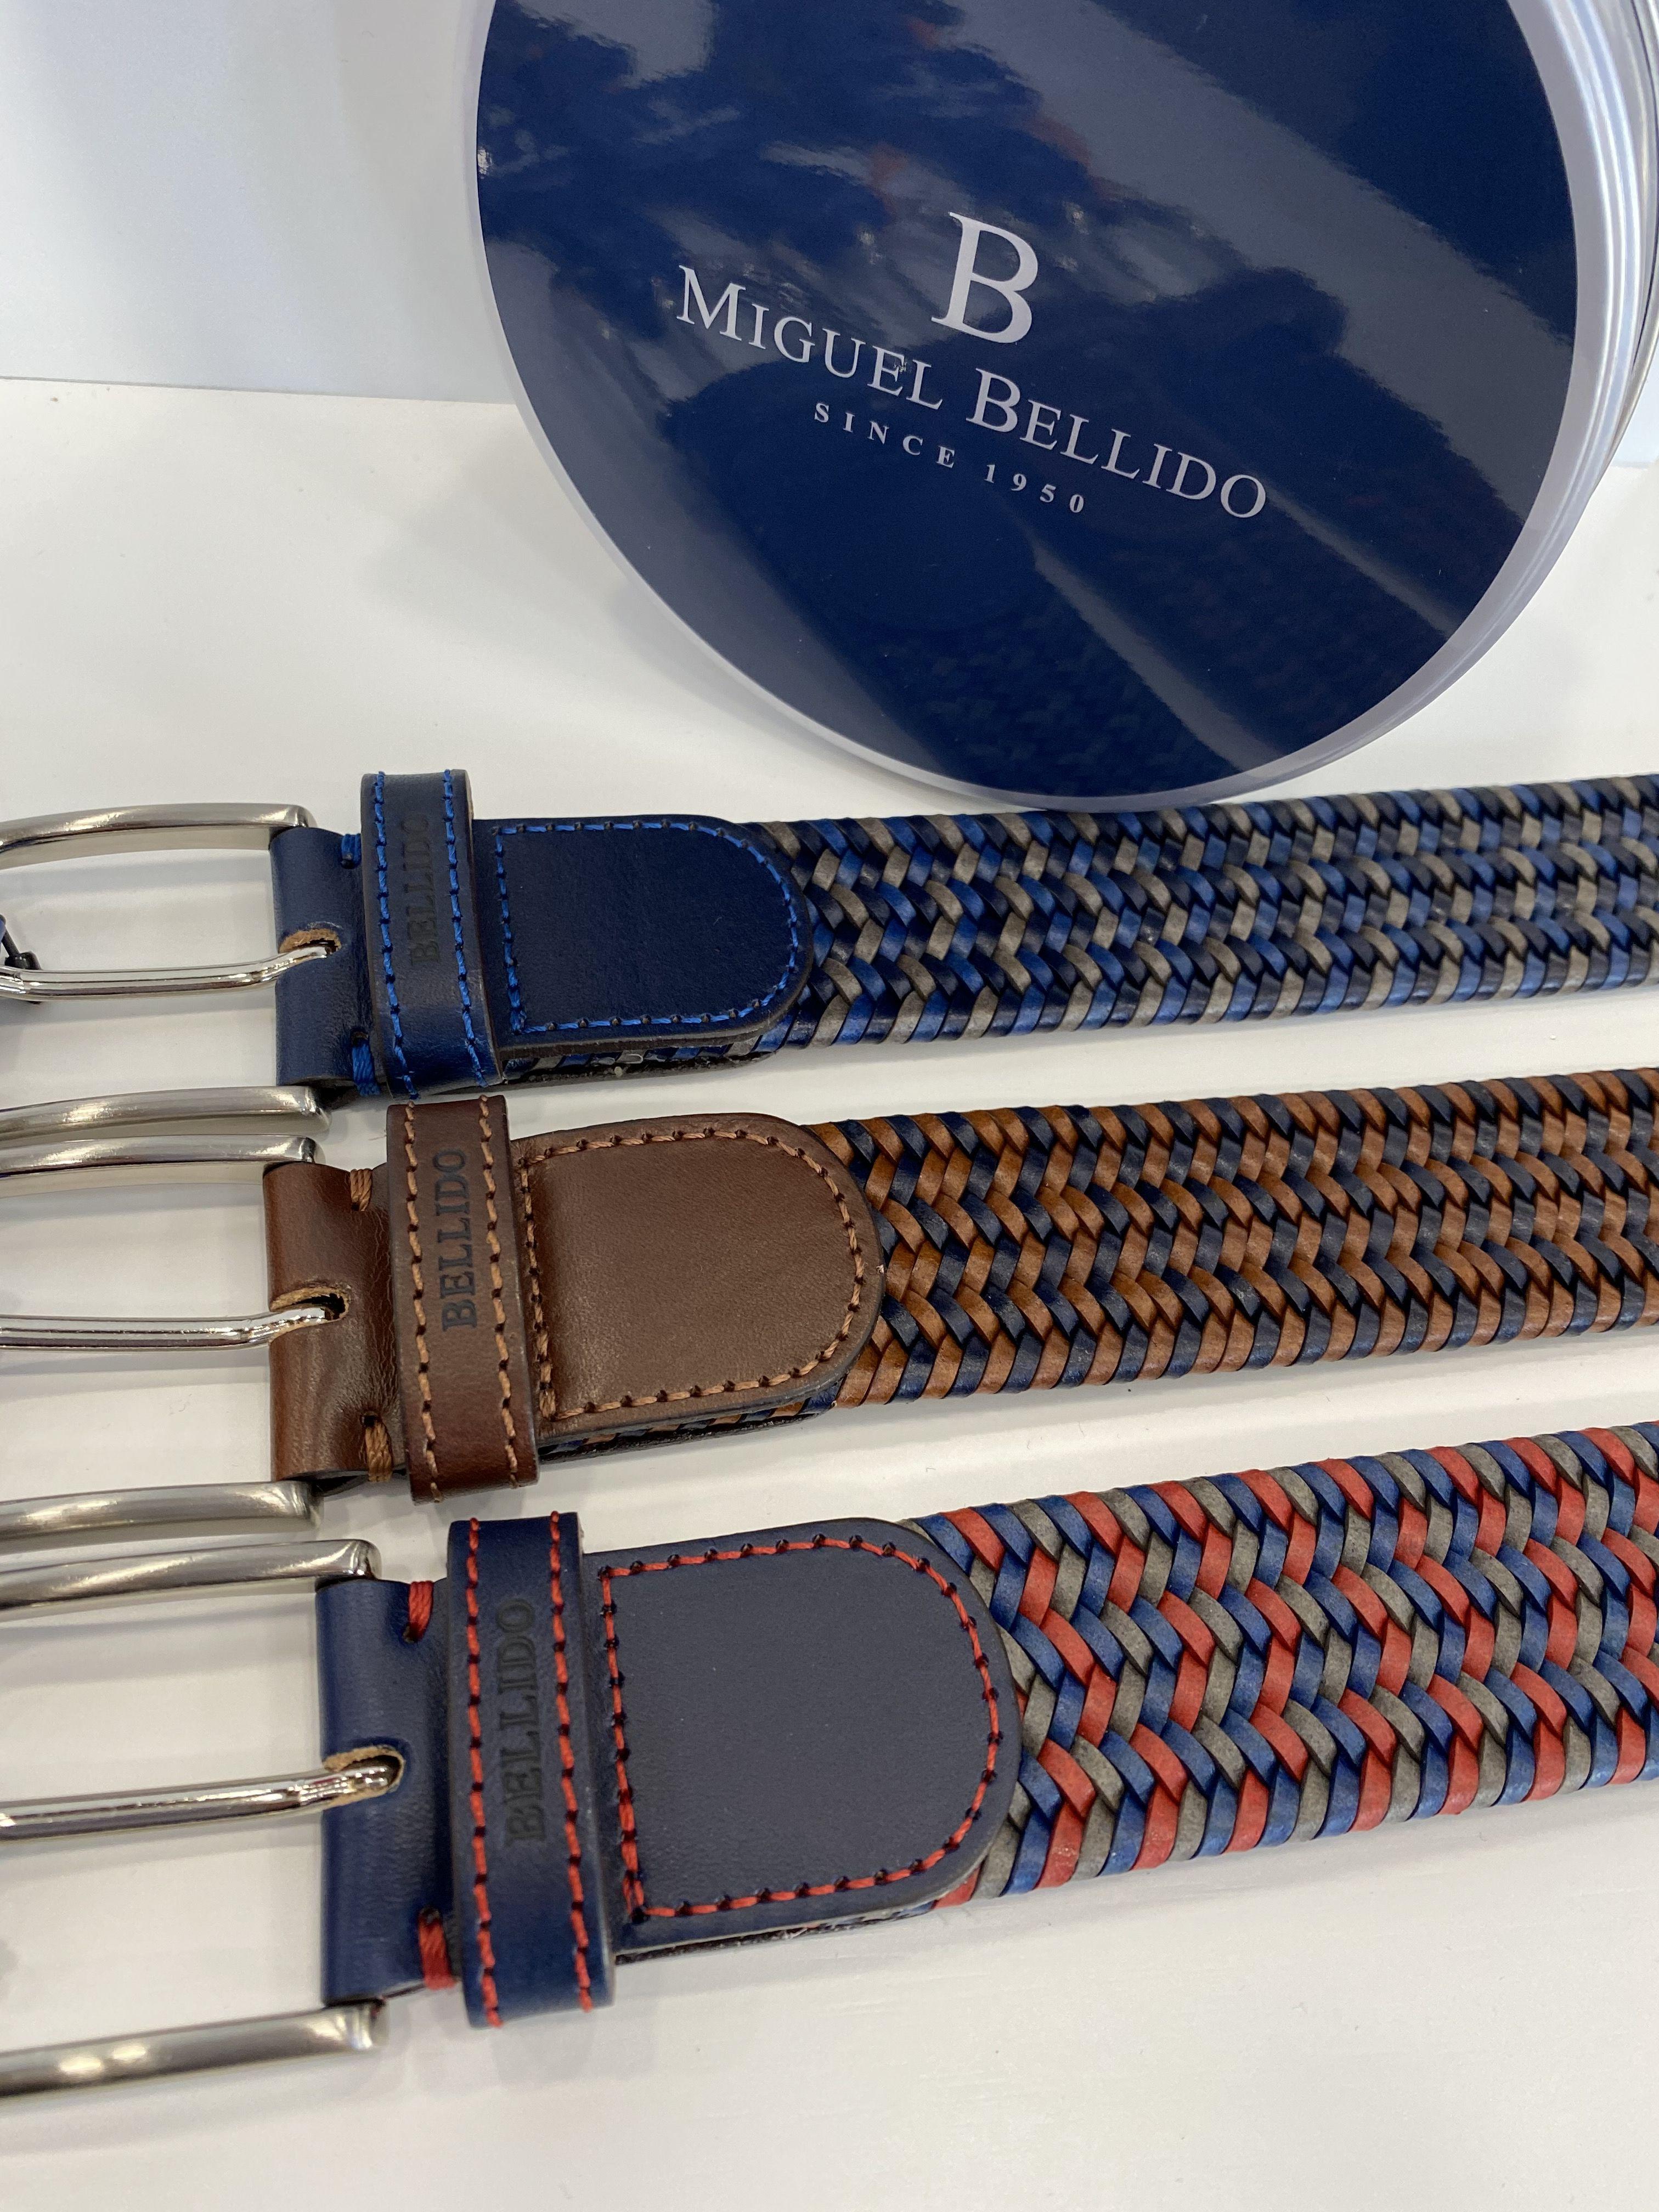 Cinturones de Miguel Bellido